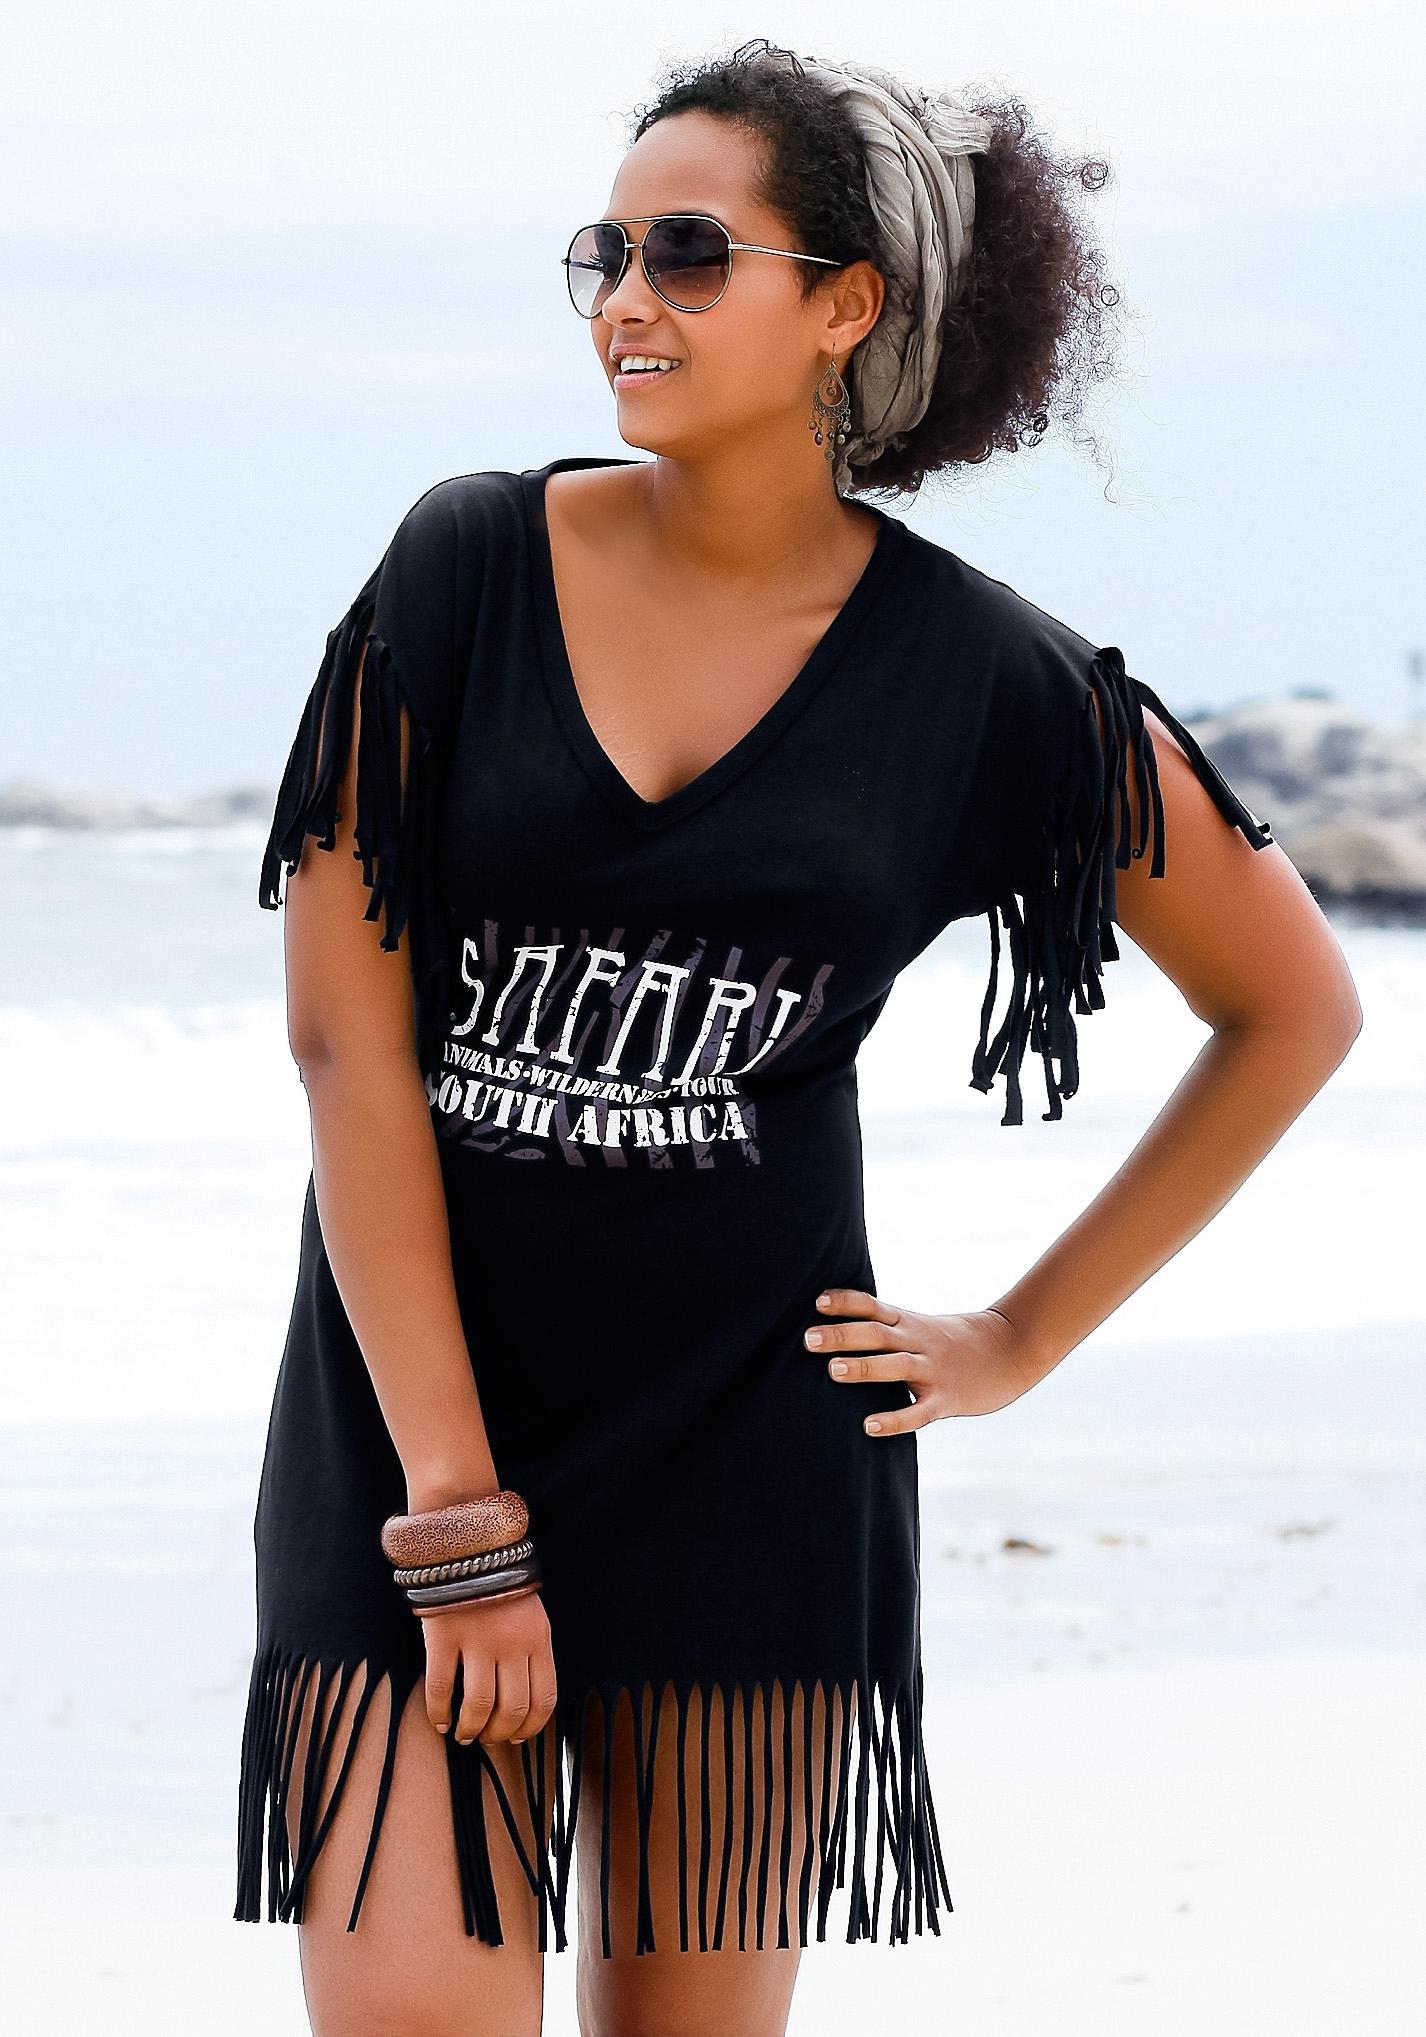 beachtime lang shirt met franje goedkoop op lascana.nl kopen